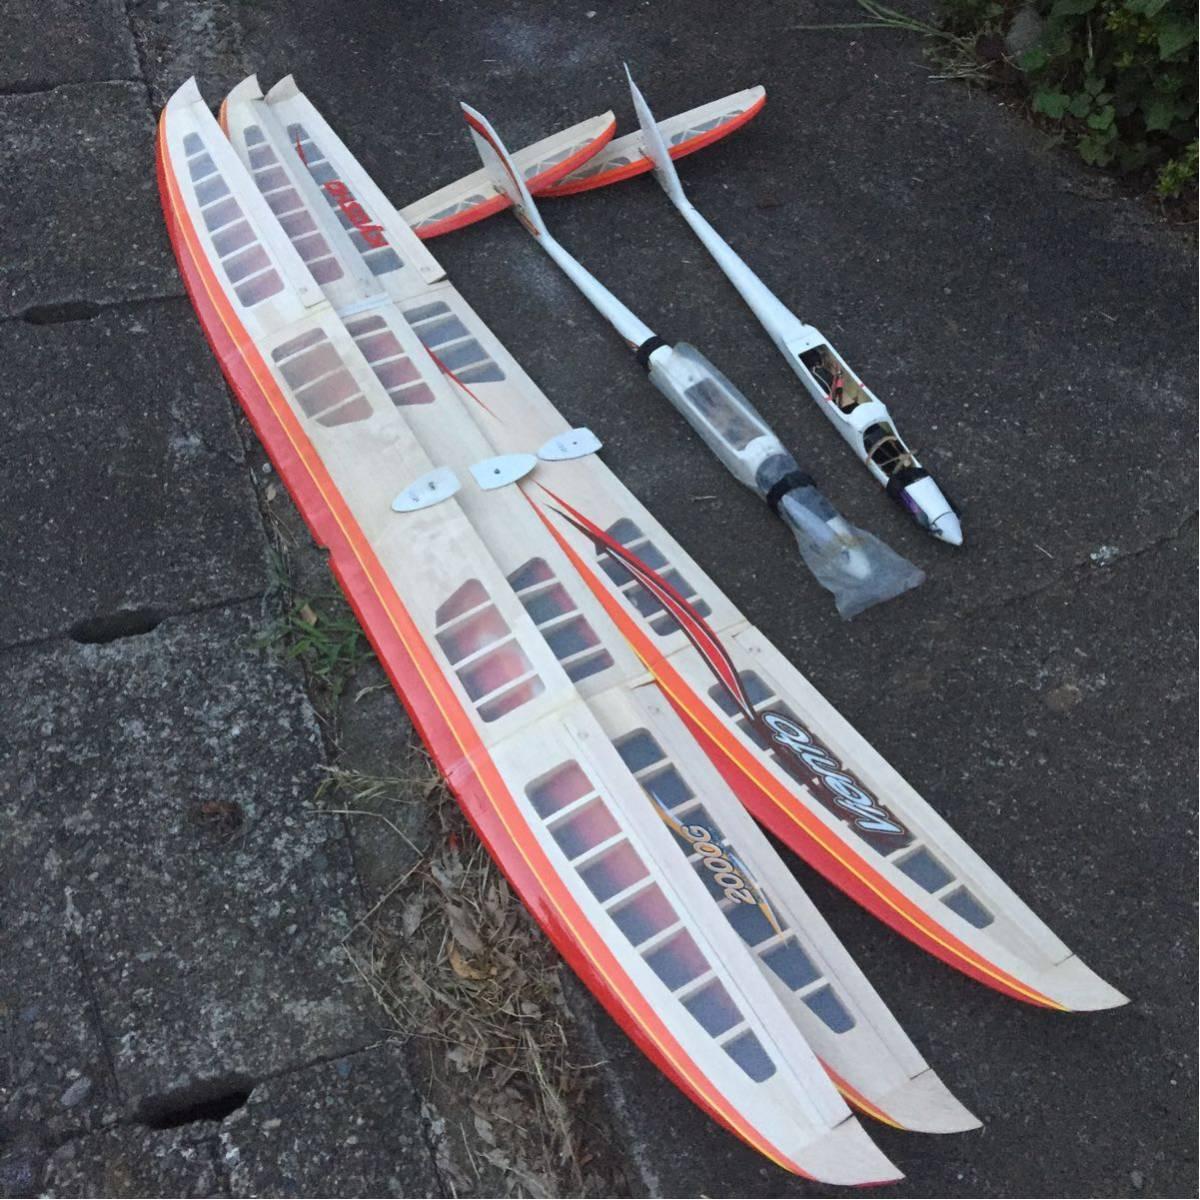 京商kyosyo viento 2000g エルロン機2台羽3枚ラジコン飛行機電動/【buyee